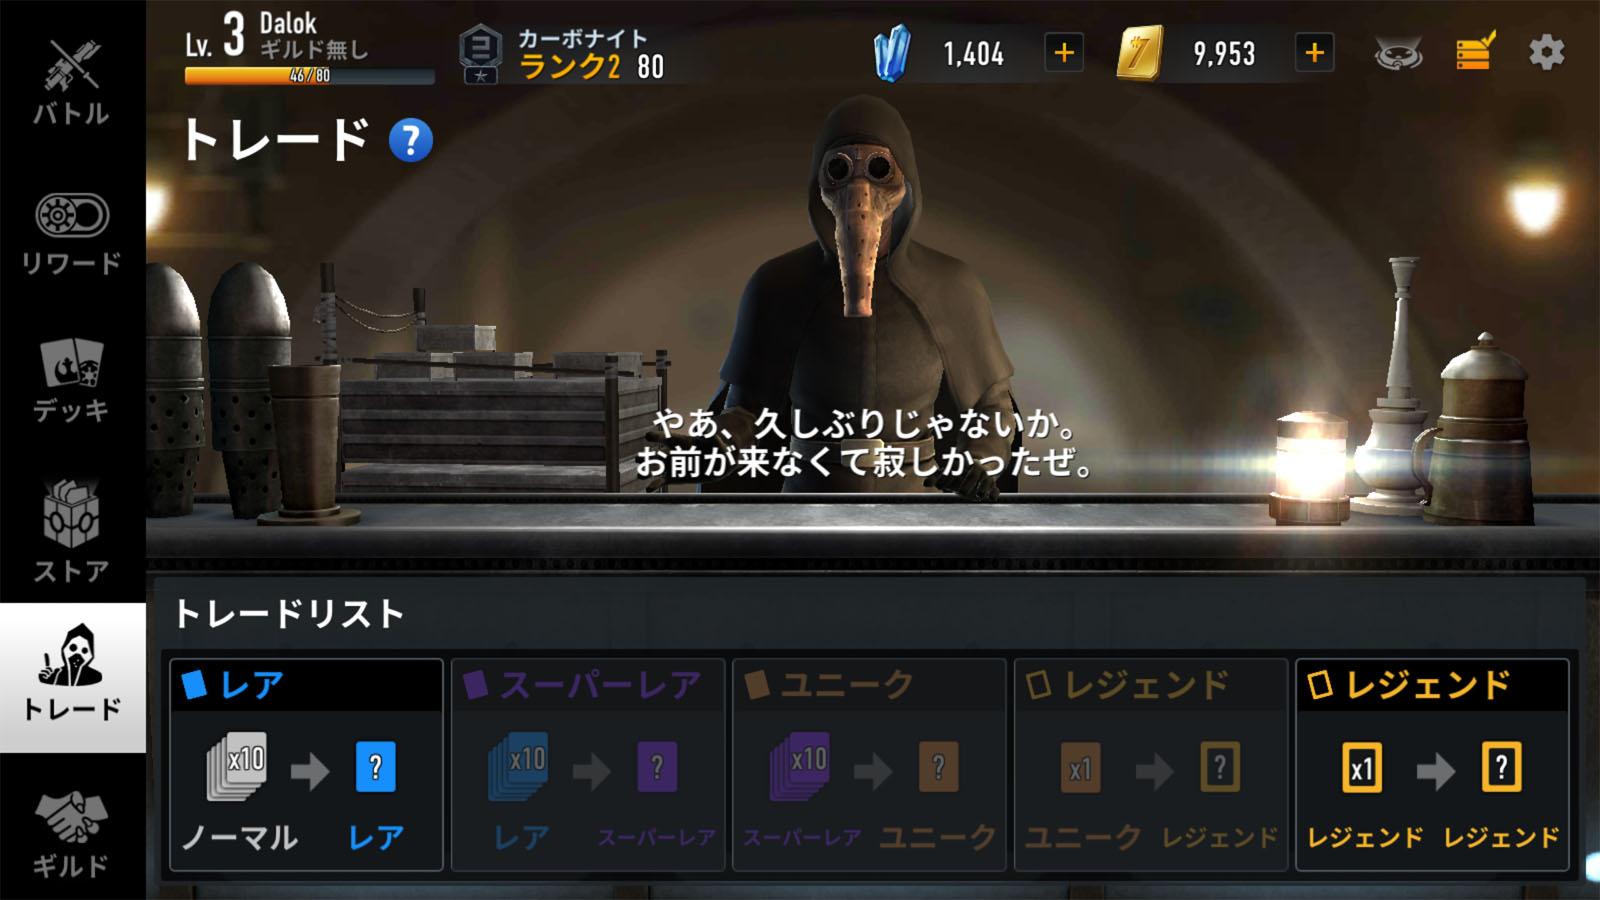 スター・ウォーズ:フォース・アリーナ【ゲームレビュー】